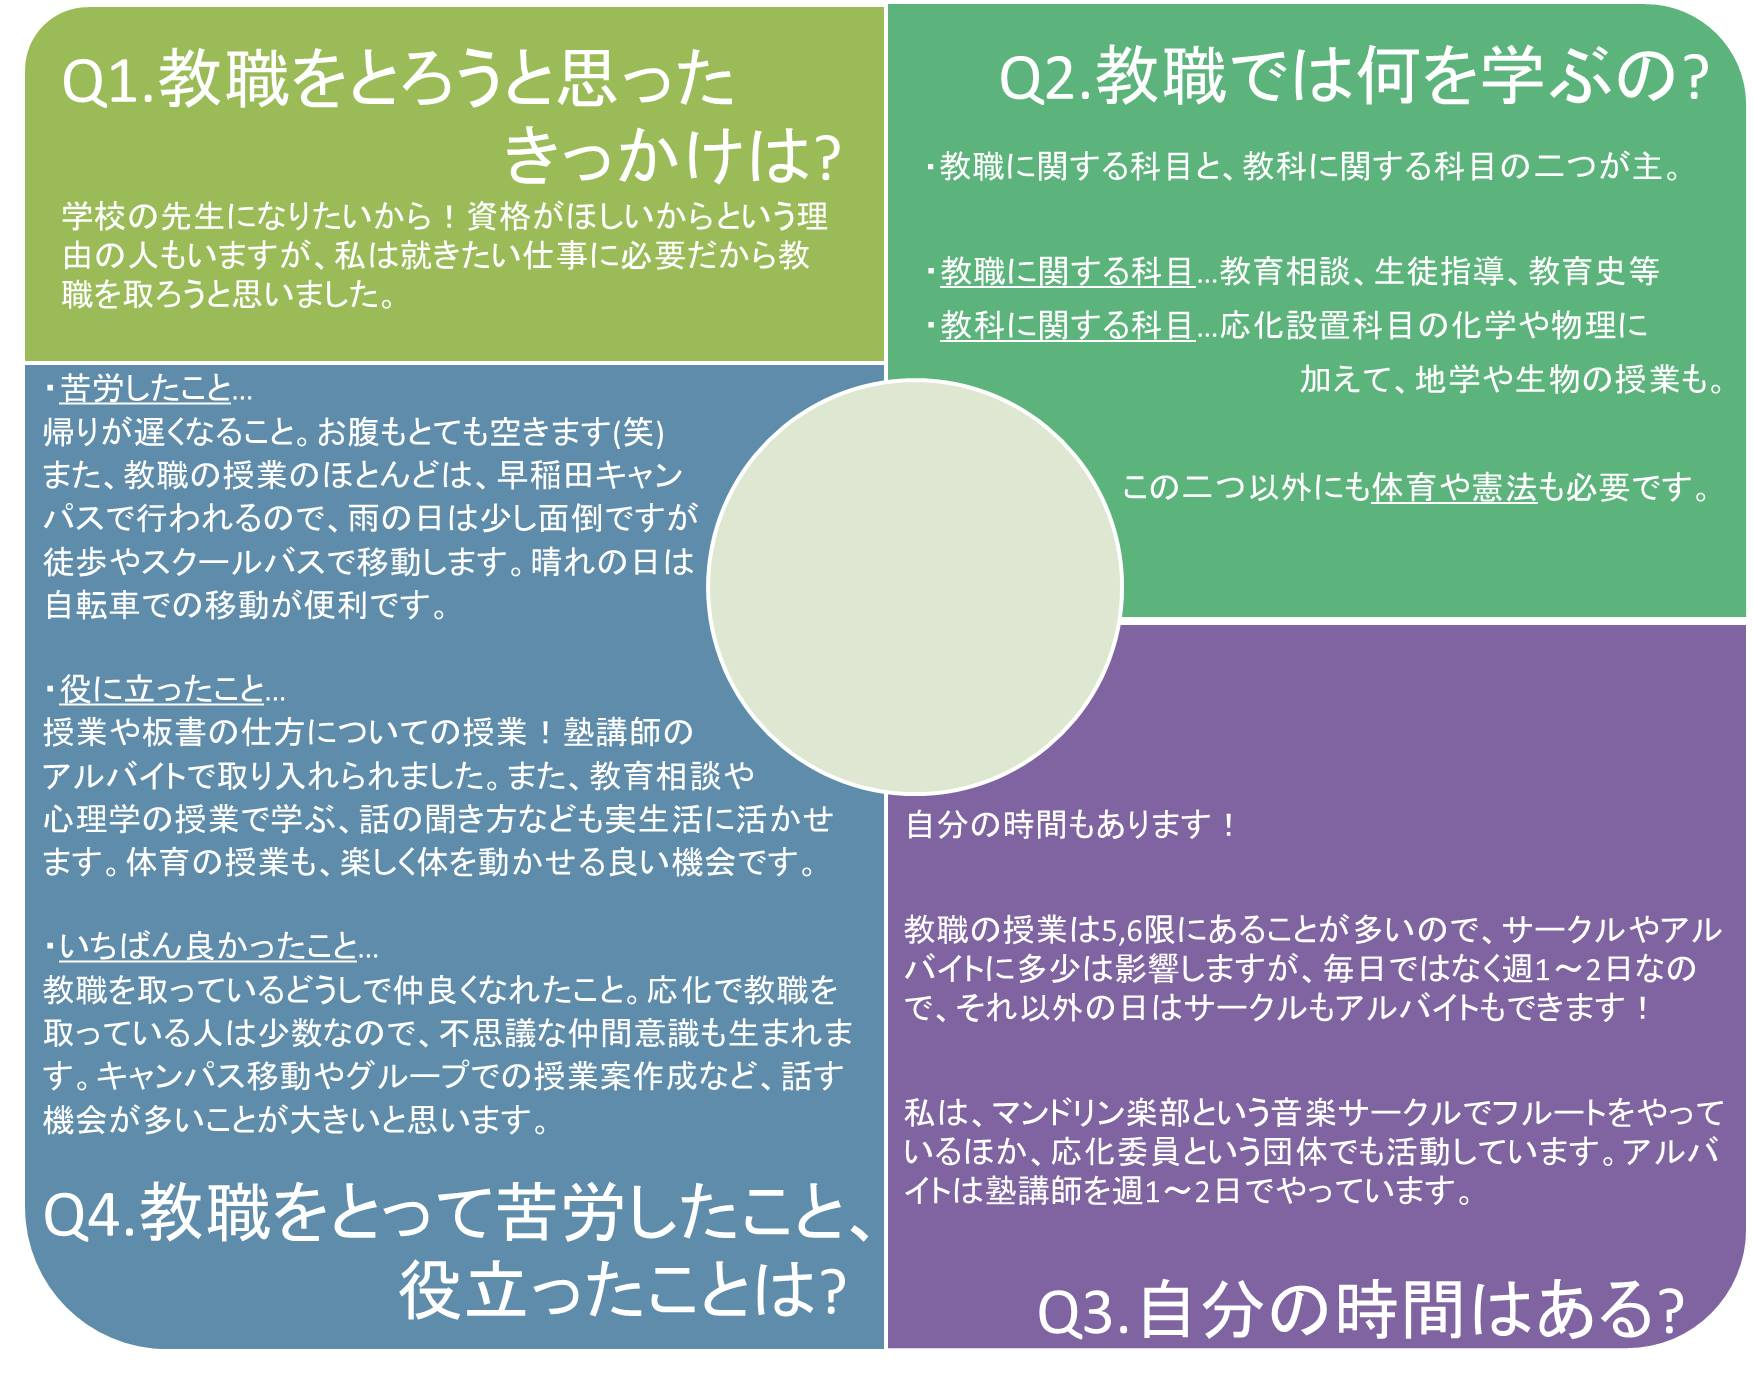 インタビュー記事1.1.jpg